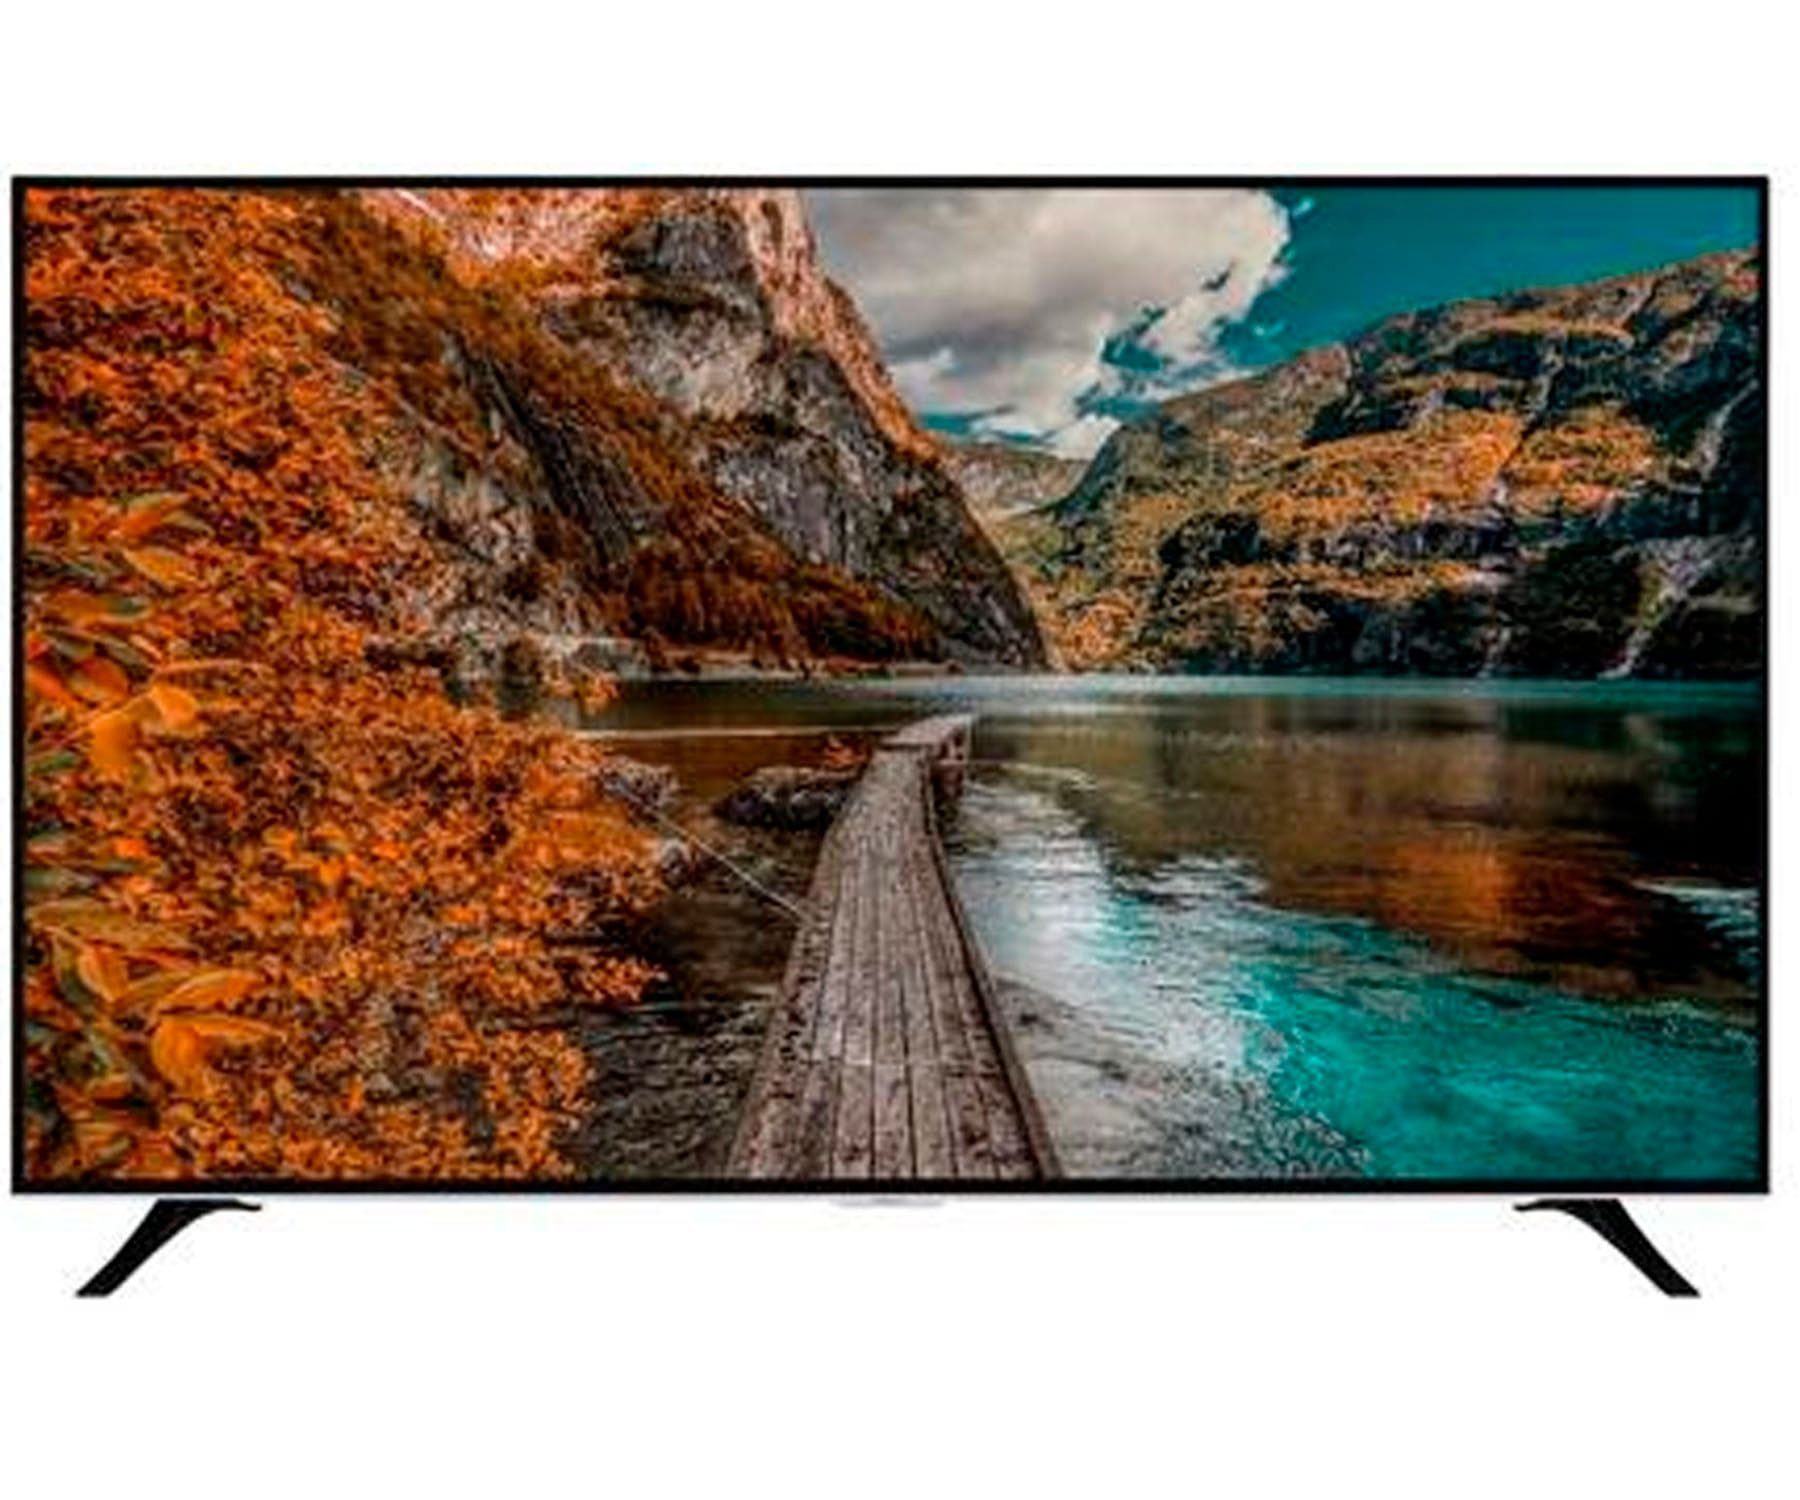 HITACHI 50HAK5751 TELEVISOR SMART TV 50'' UHD 4K HDR